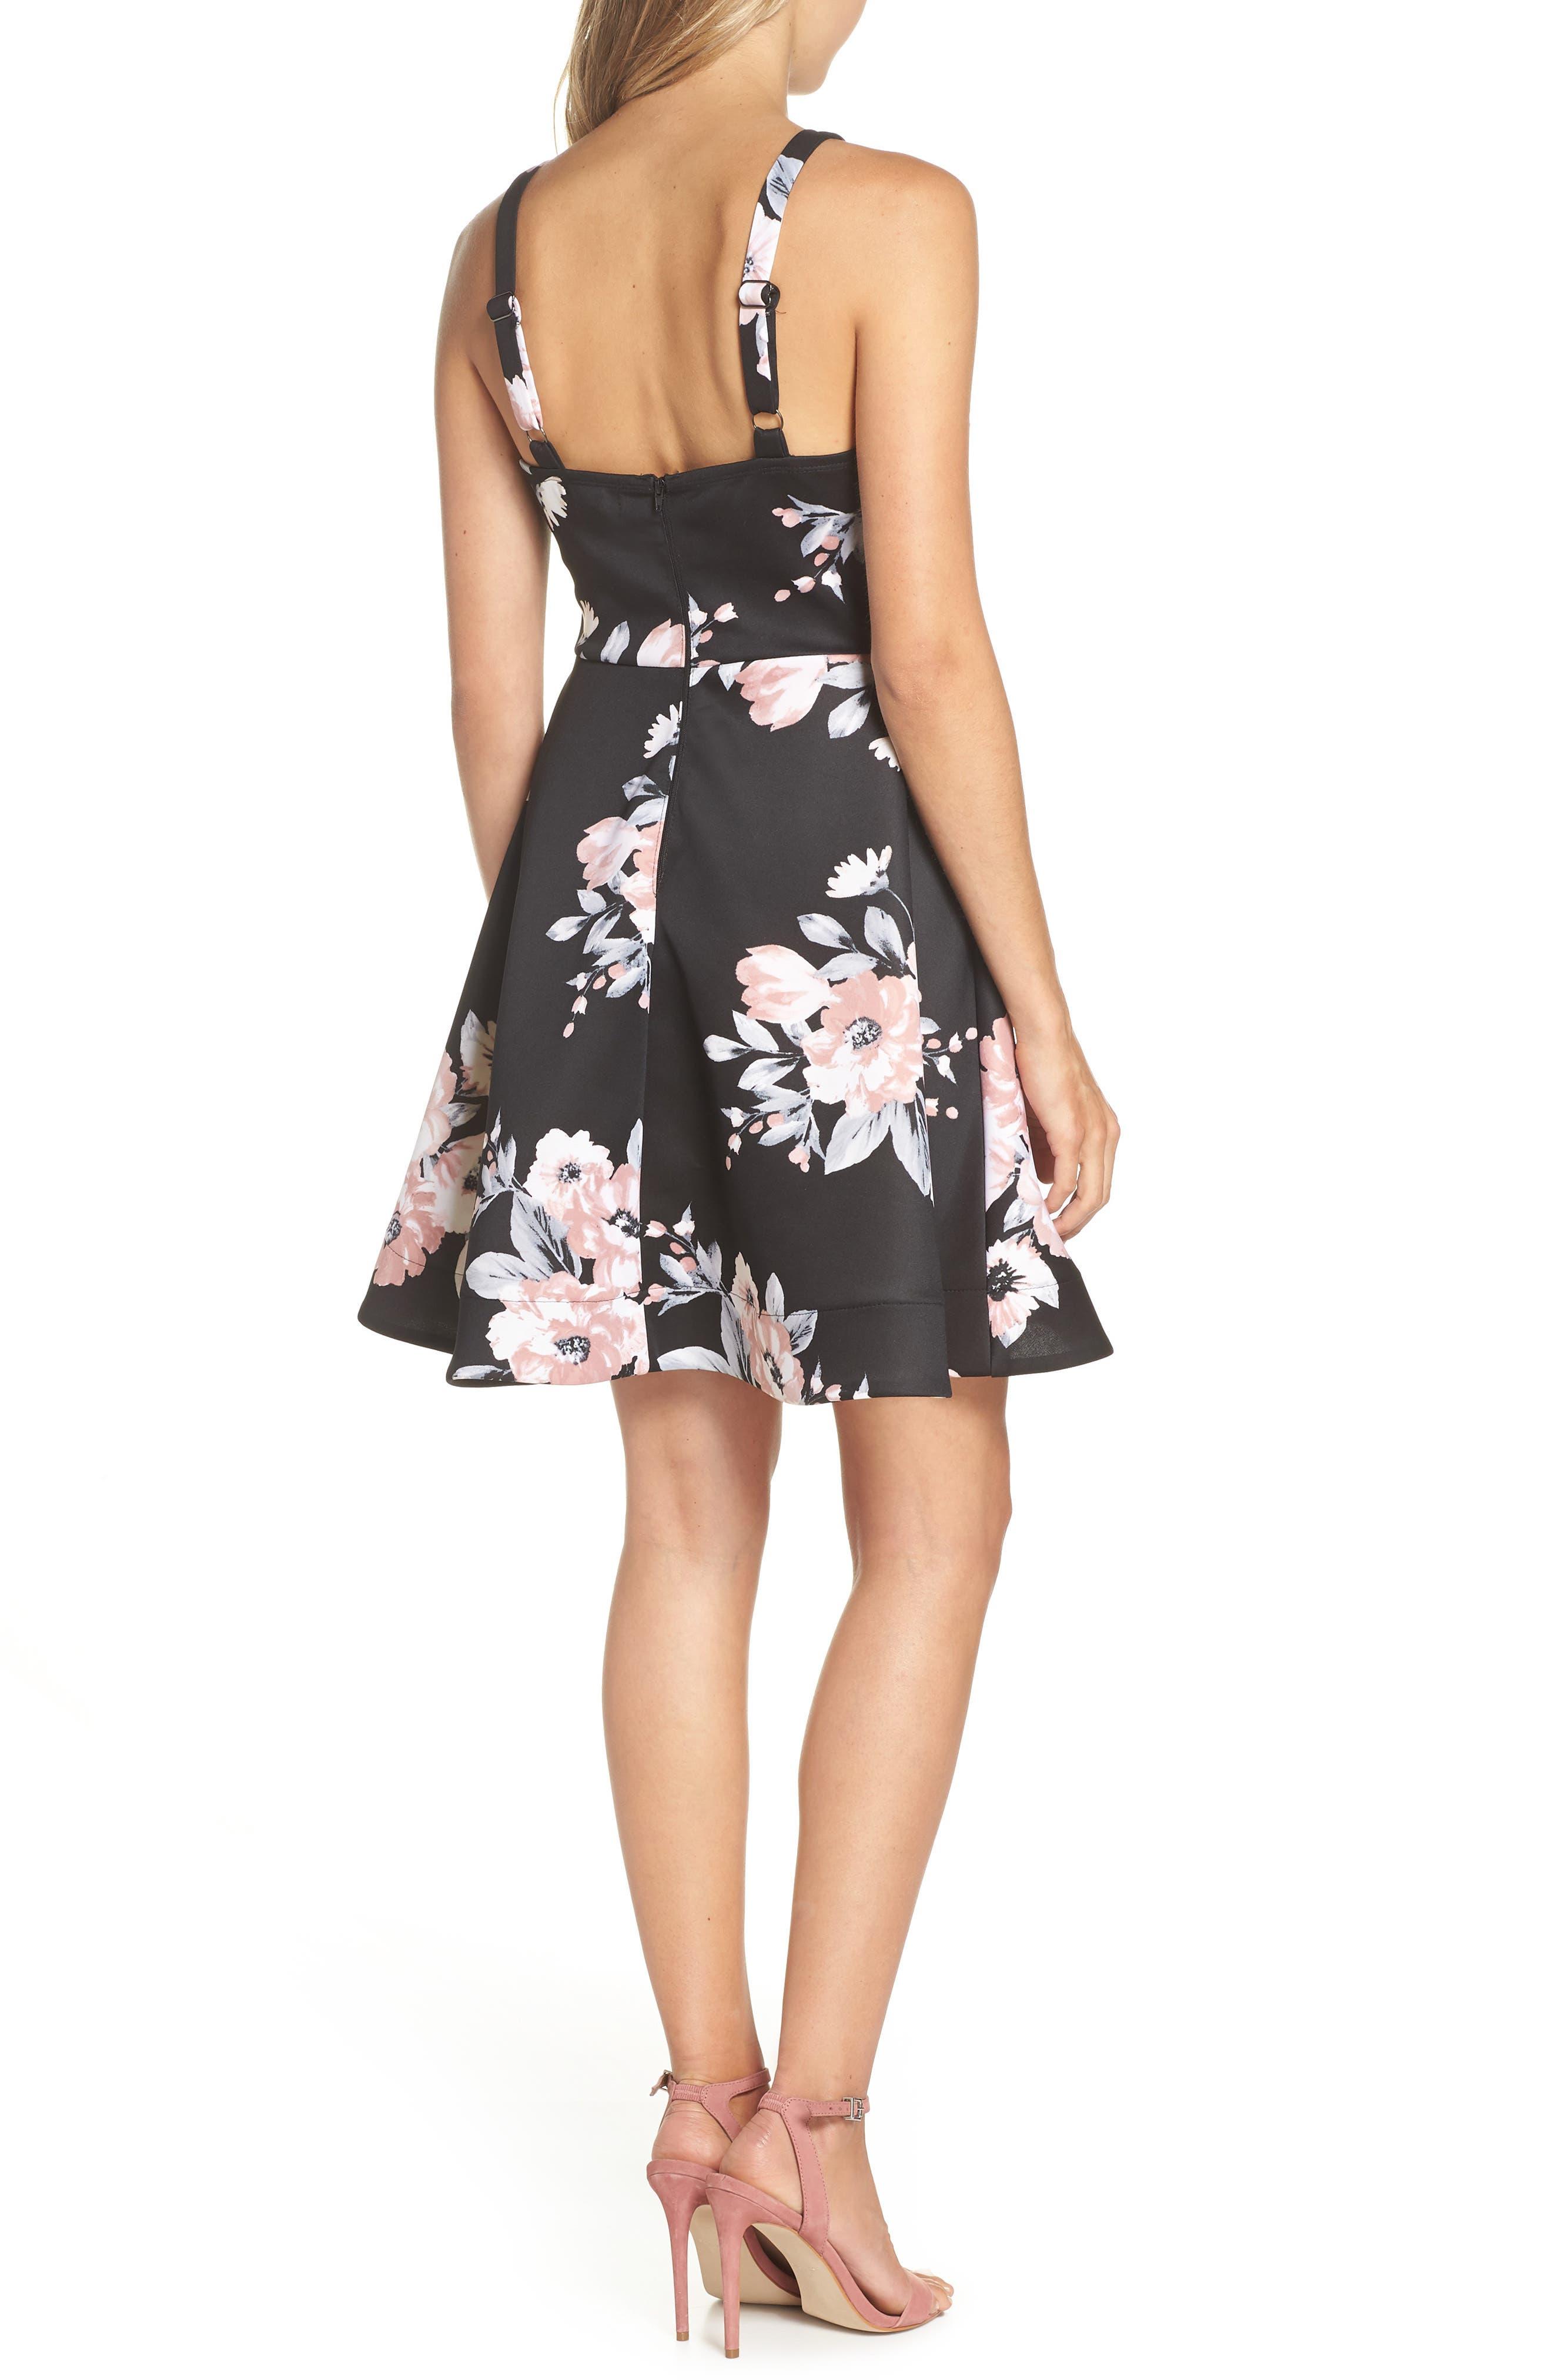 Floral Print Fit & Flare Dress,                             Alternate thumbnail 2, color,                             BLACK/ MAUVE